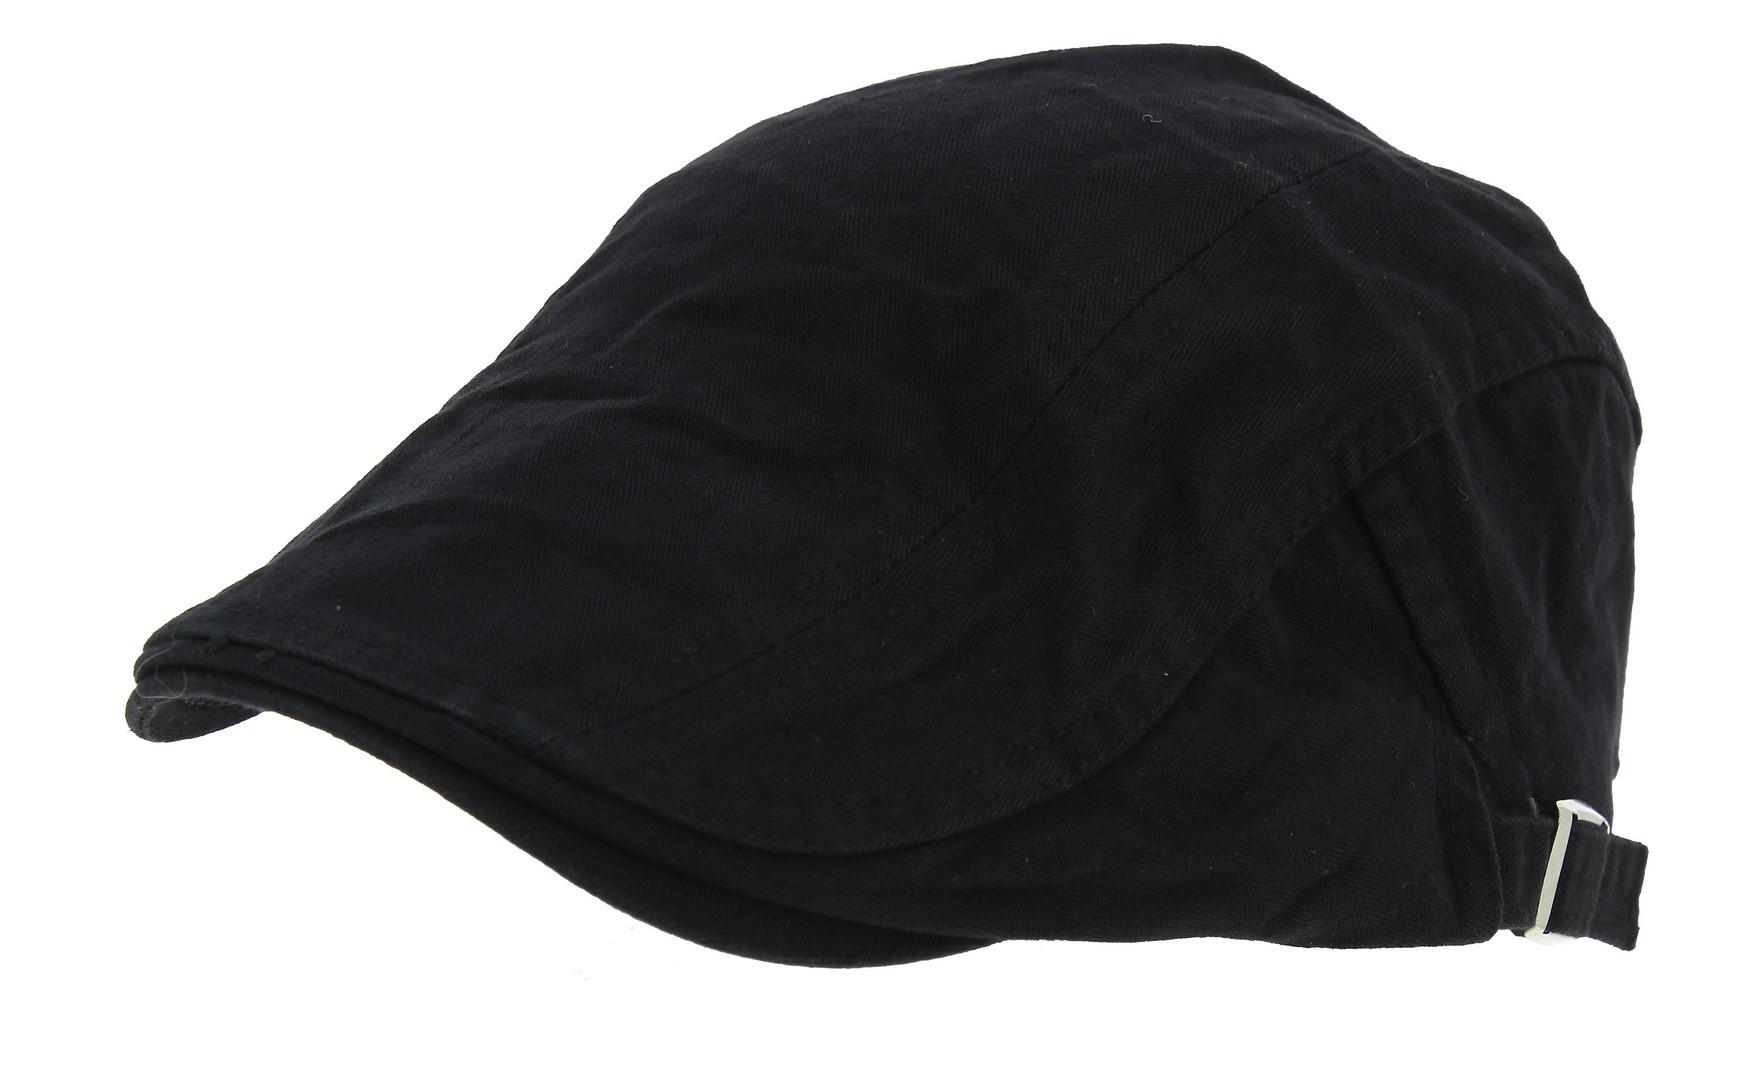 17f5a08b59 https://www.chapellerie-traclet.com/fr/bonnet/3202-bonnet-a-pompon ...